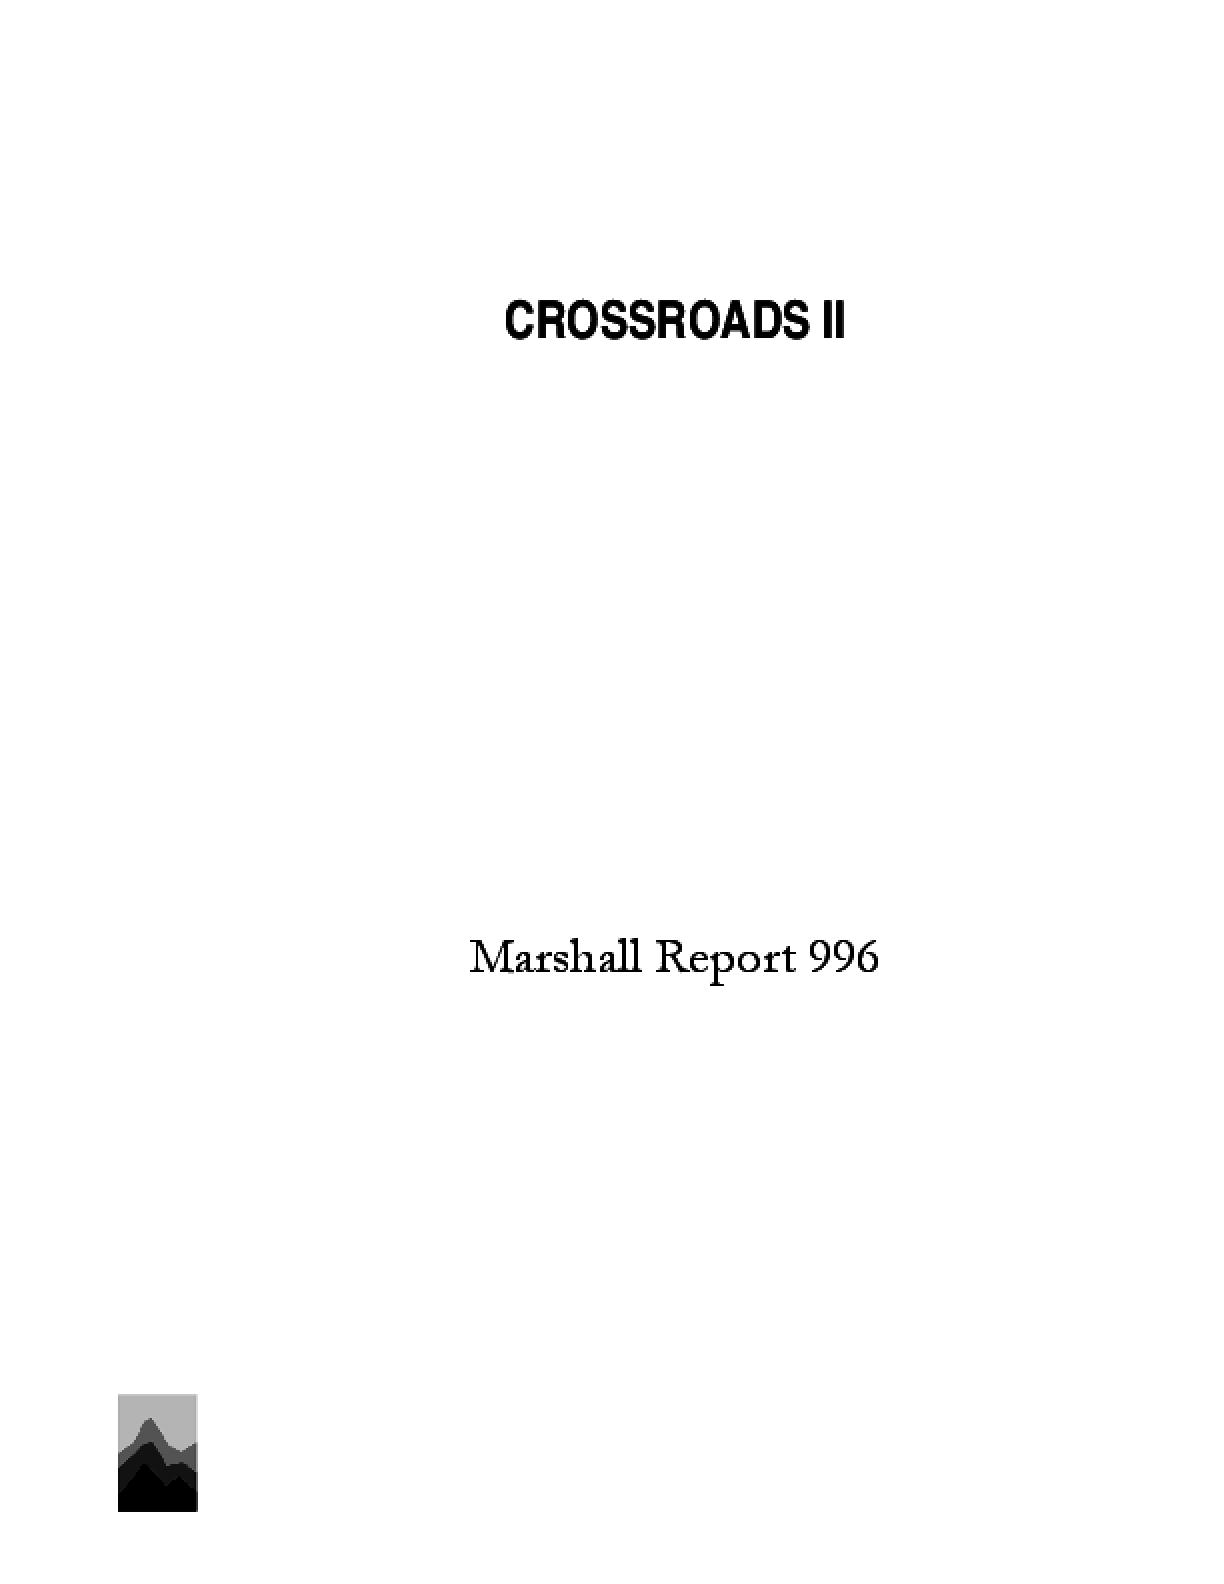 Crossroads II: Marshall Report 996